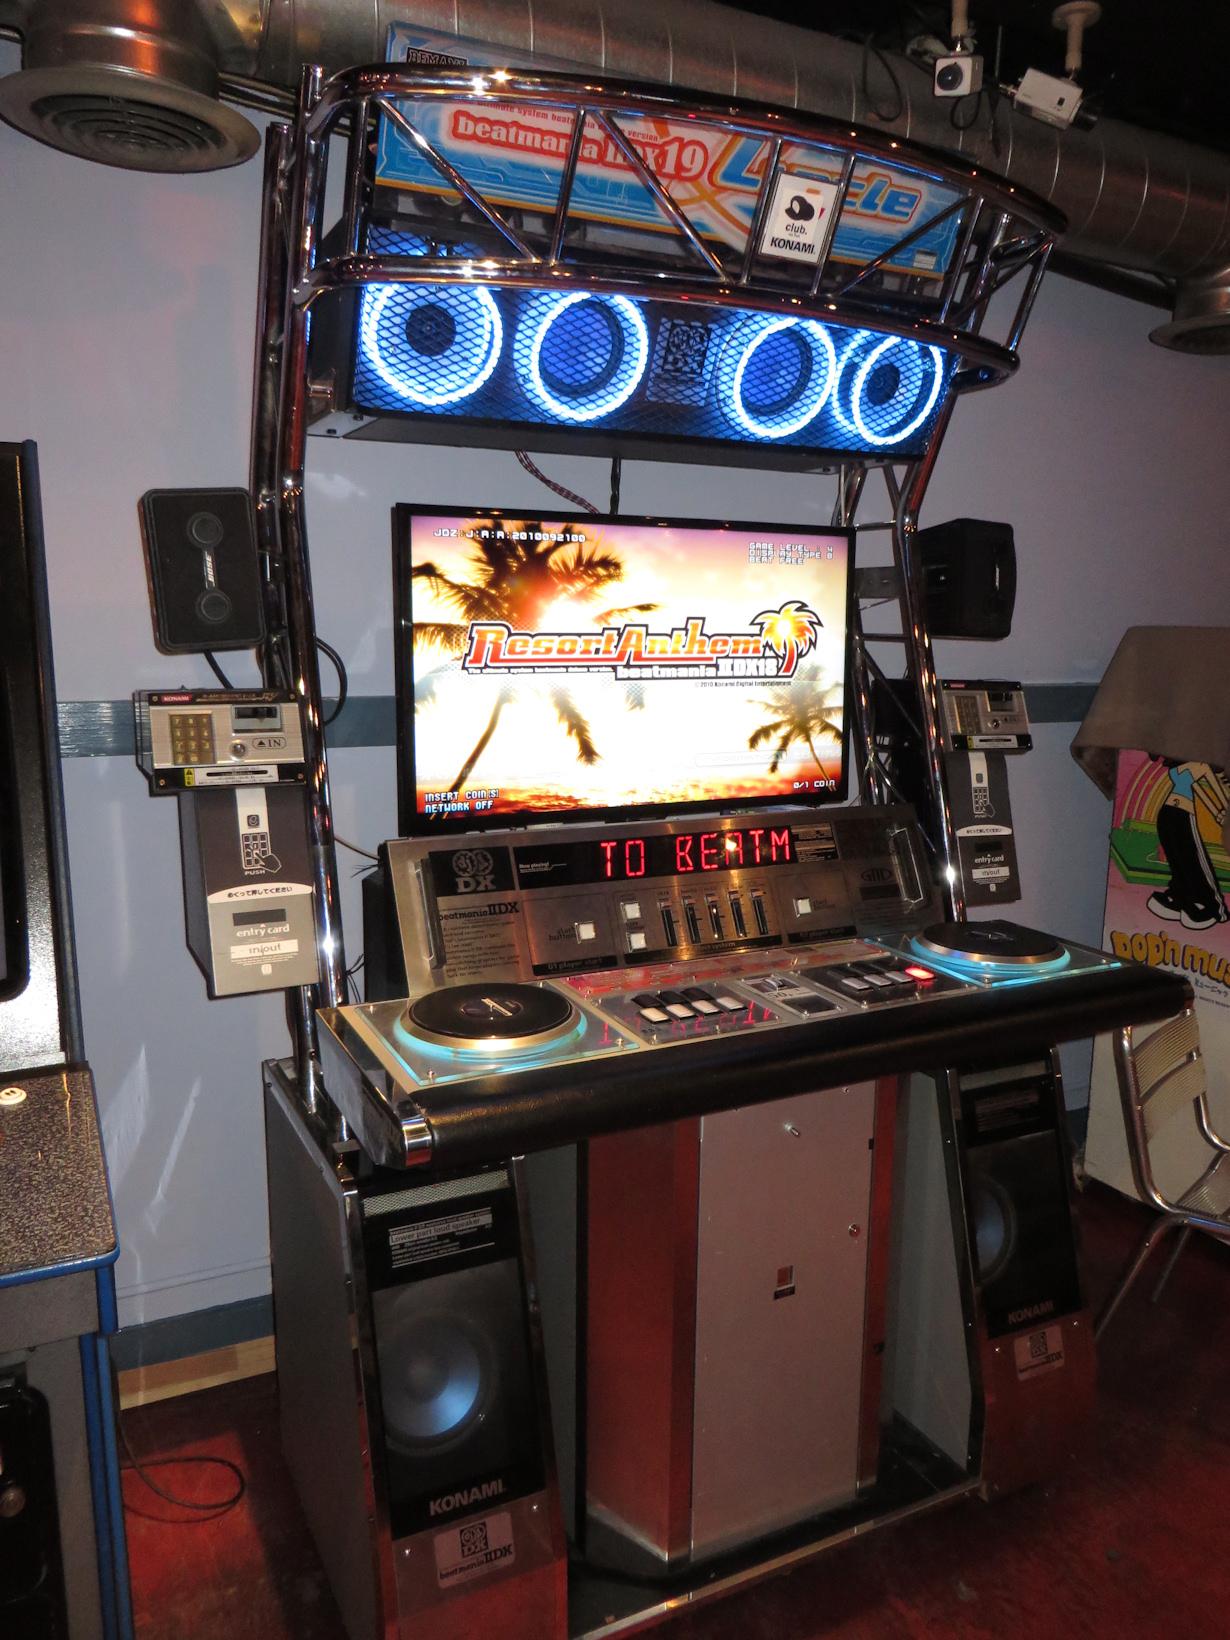 File:IIDX 18 resort anthem arcade machine.jpg - Wikimedia Commons